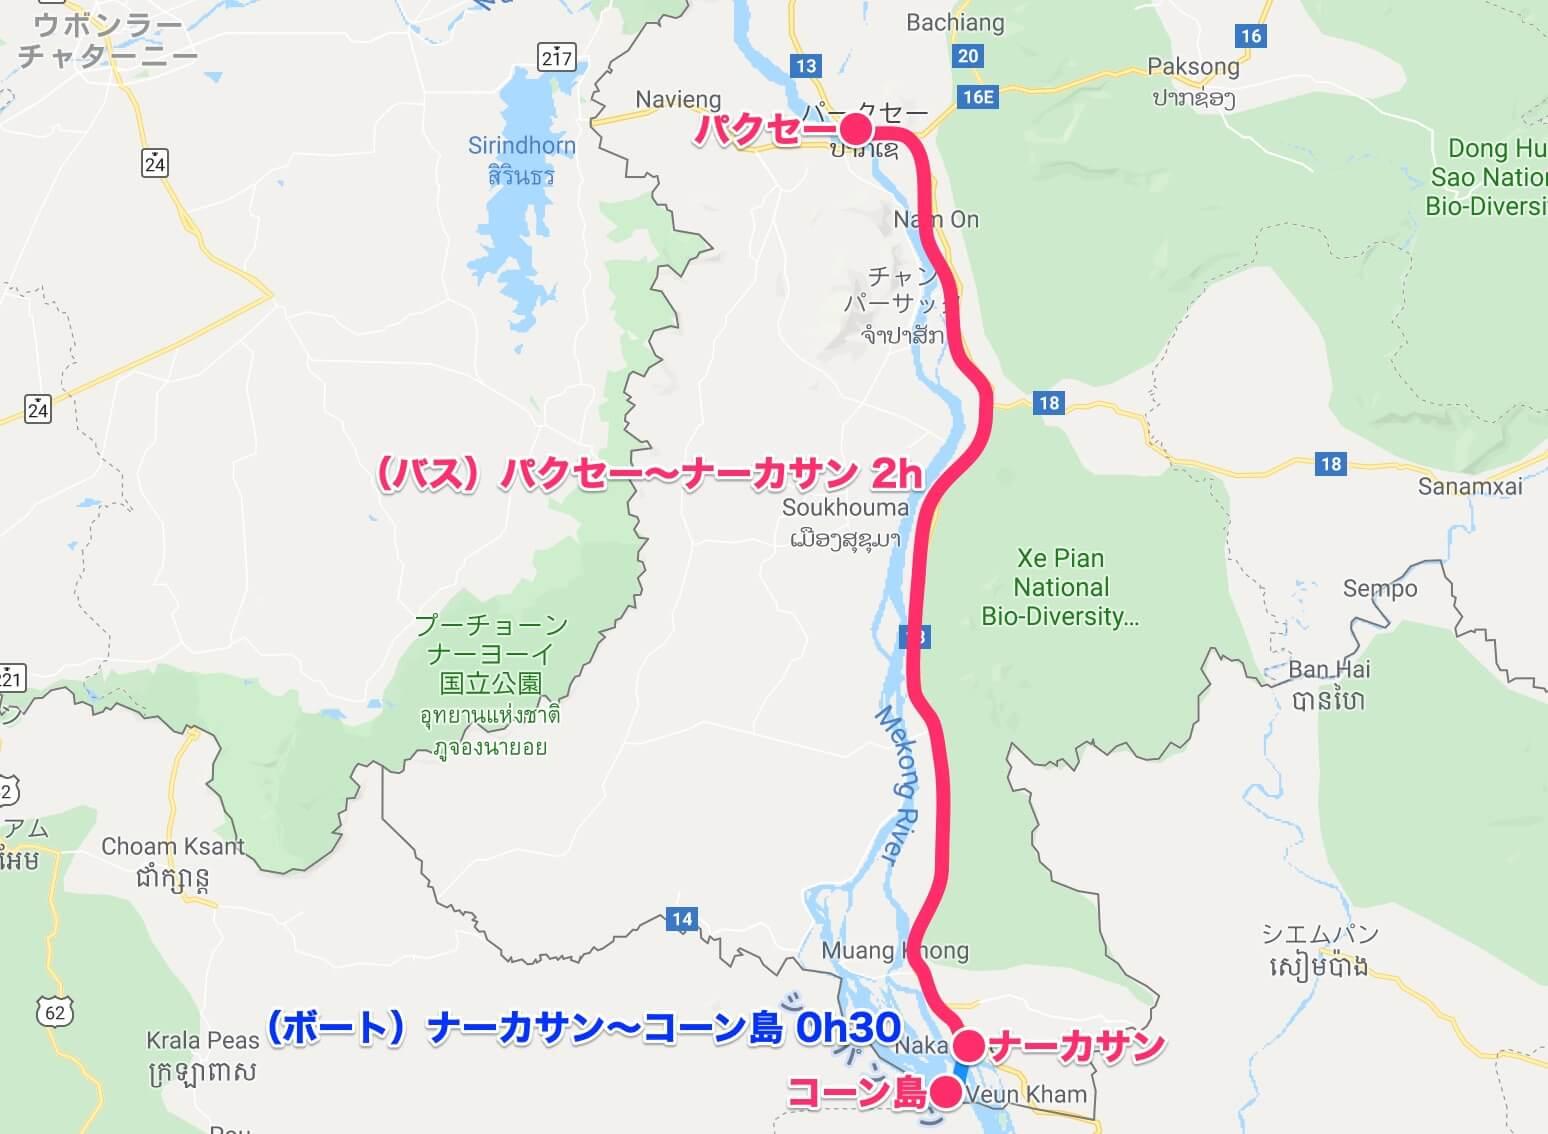 MAPパクセー〜シーパンドン【タイ・ラオス④】